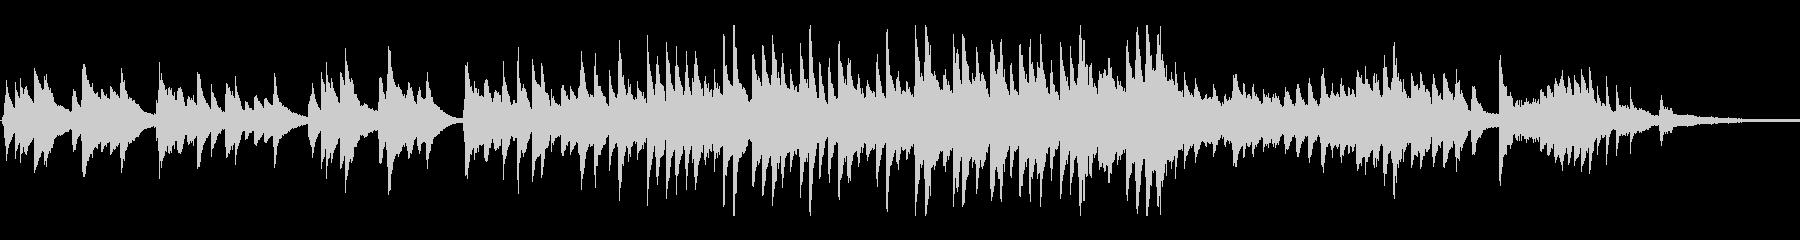 ピアノバラード感動シーン、心温まる場面への未再生の波形